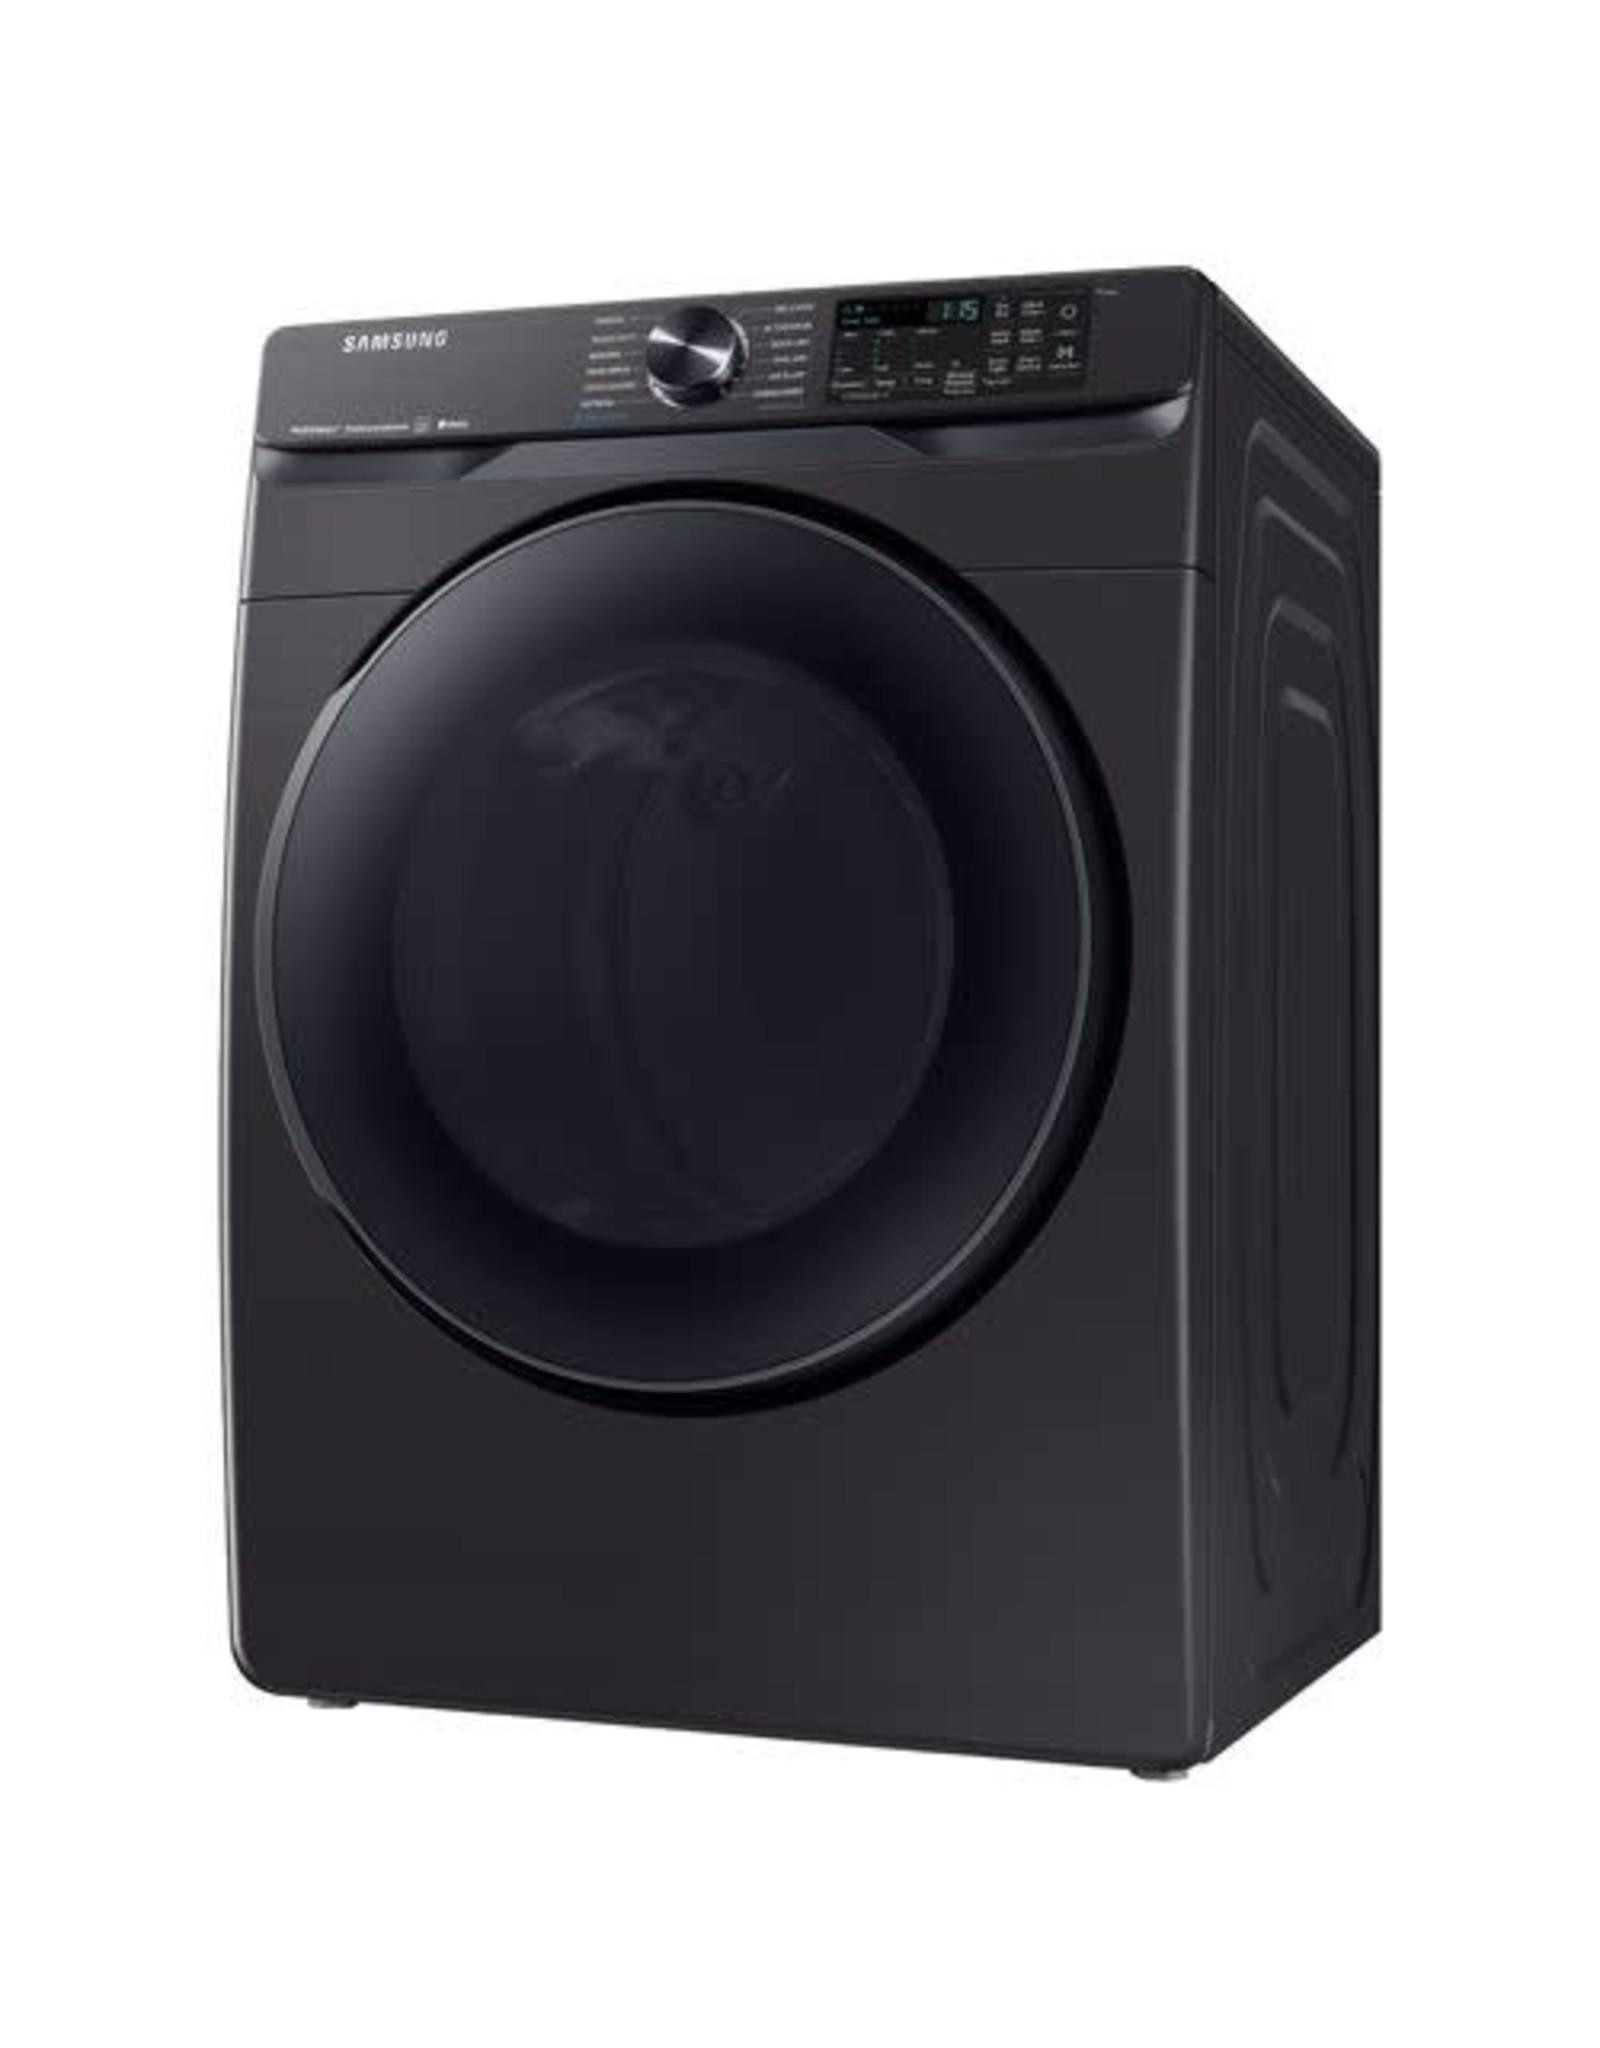 SAMSUNG DVG50R8500V Samsung 7.5 cu. ft. 120-Volt Black Stainless Steel Front Load Gas Dryer with Steam Sanitize+ (Pedestals Sold Separately)